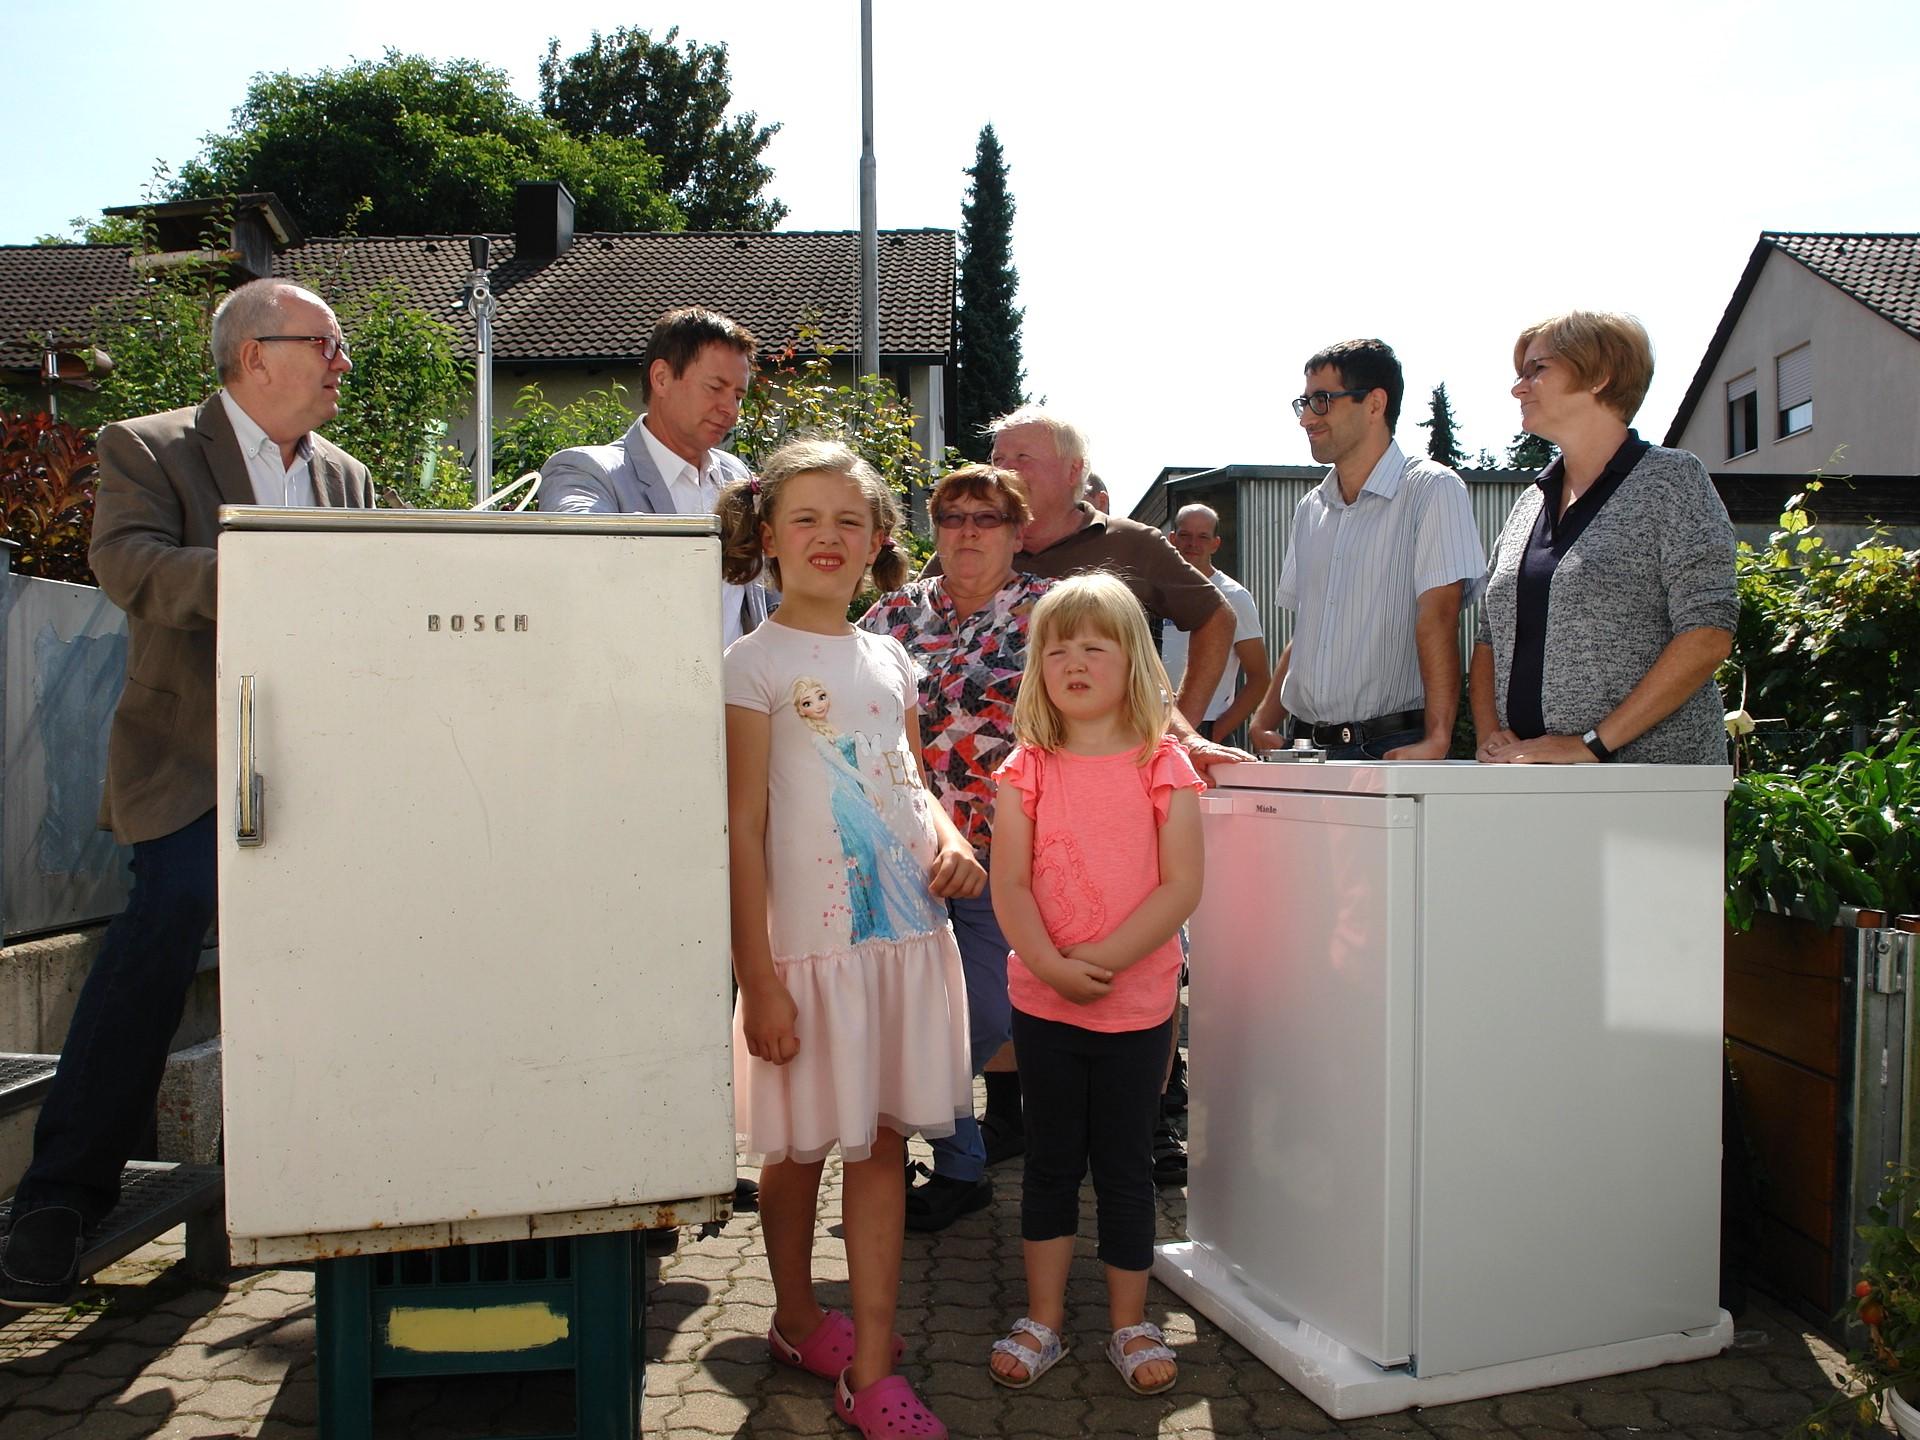 Bosch Kühlschrank Zu Laut : Ältester kühlschrank bürgerhaus neumarkt